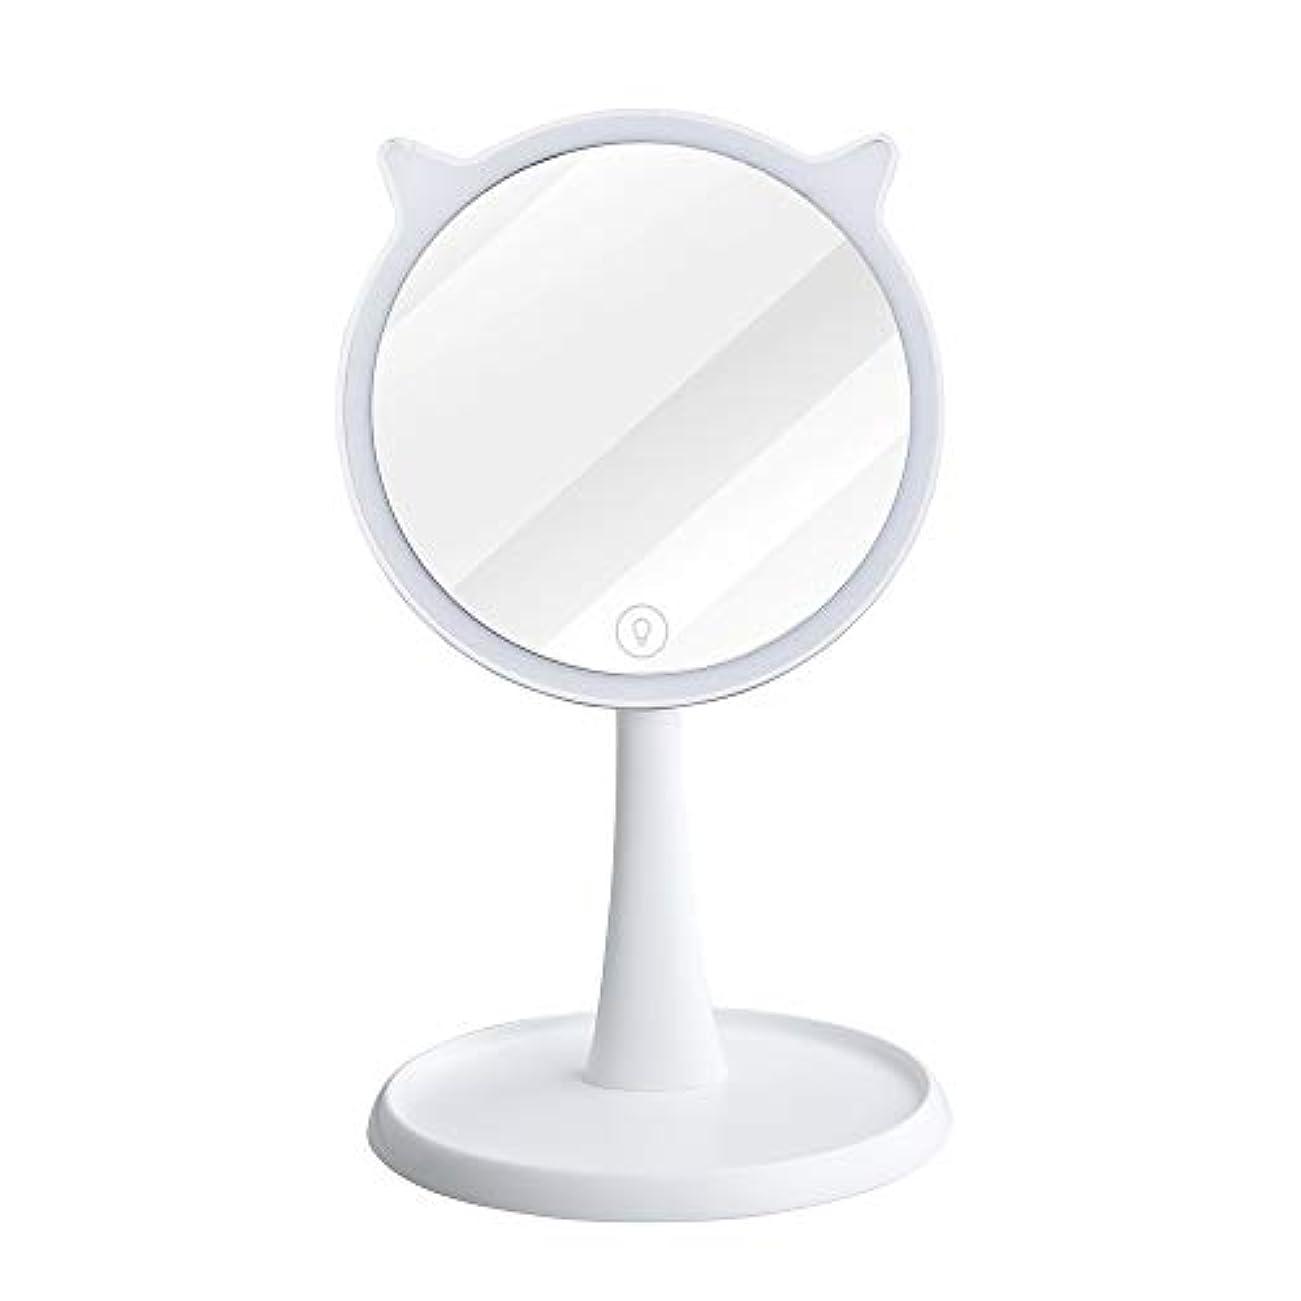 理論社会剥離LED卓上化粧鏡 卓上鏡 ライト付き化粧鏡 等倍鏡 猫型化粧鏡 120度回転式 折りたたみ 収納 自然光 スタンドミラー ライティングミラー 女優ミラー ホワイト